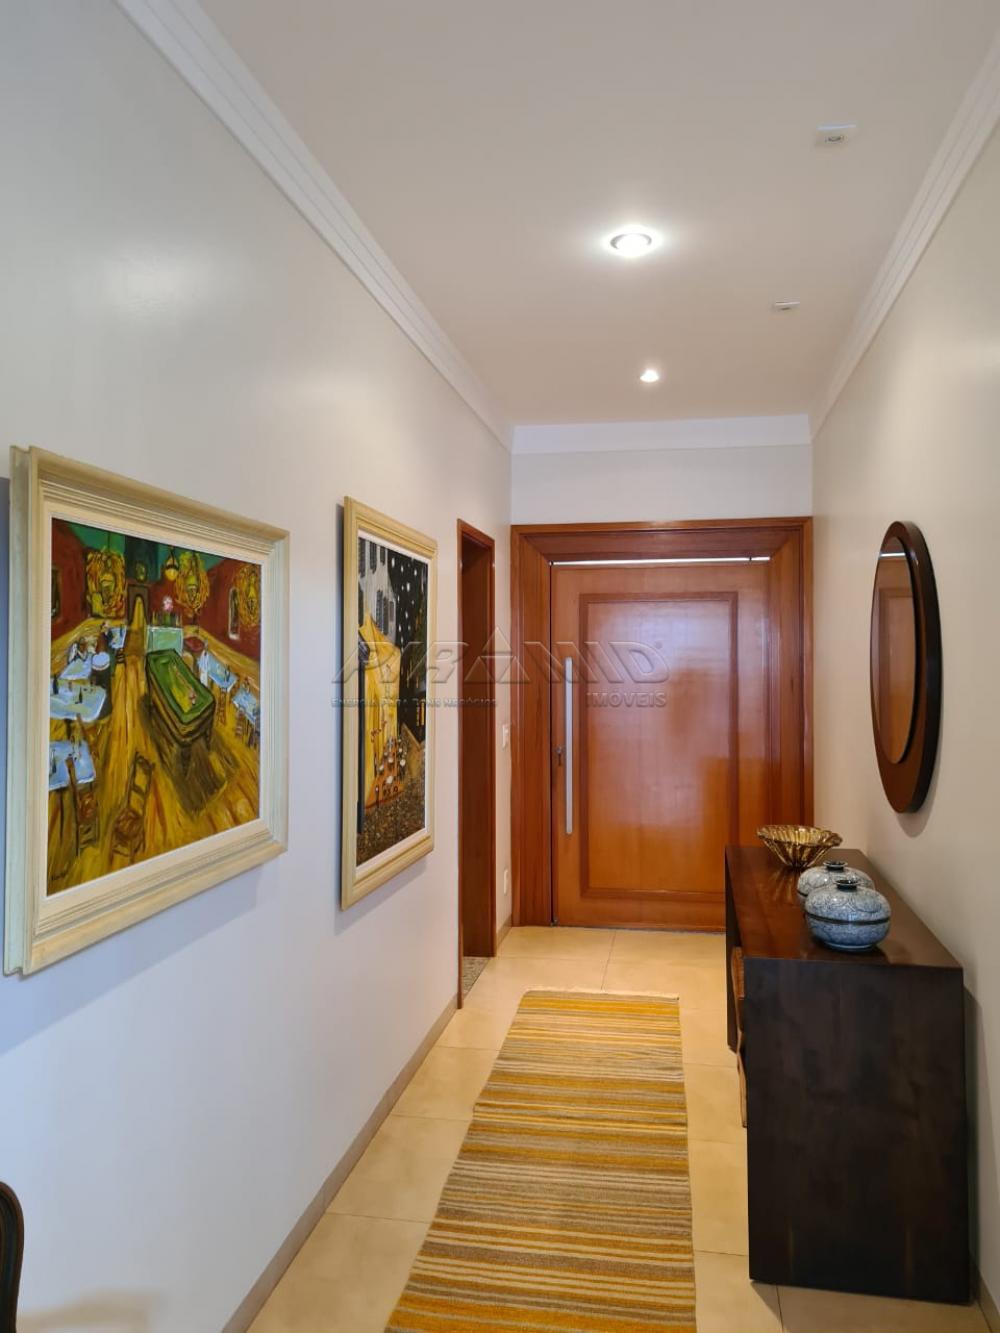 Comprar Casa / Condomínio em Ribeirão Preto R$ 2.800.000,00 - Foto 2